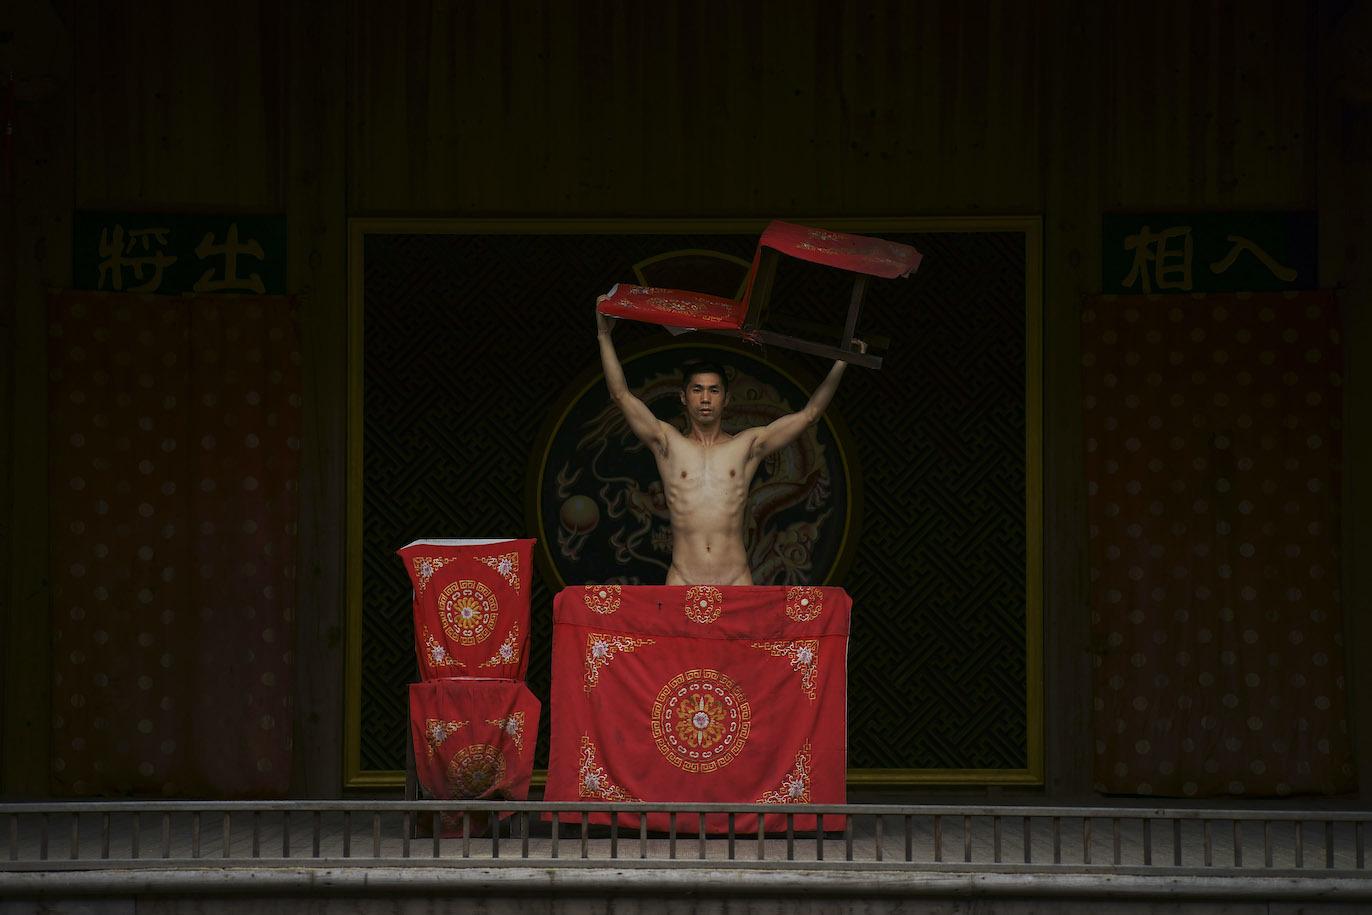 Flowers Gallery presents Self by Shen Wei